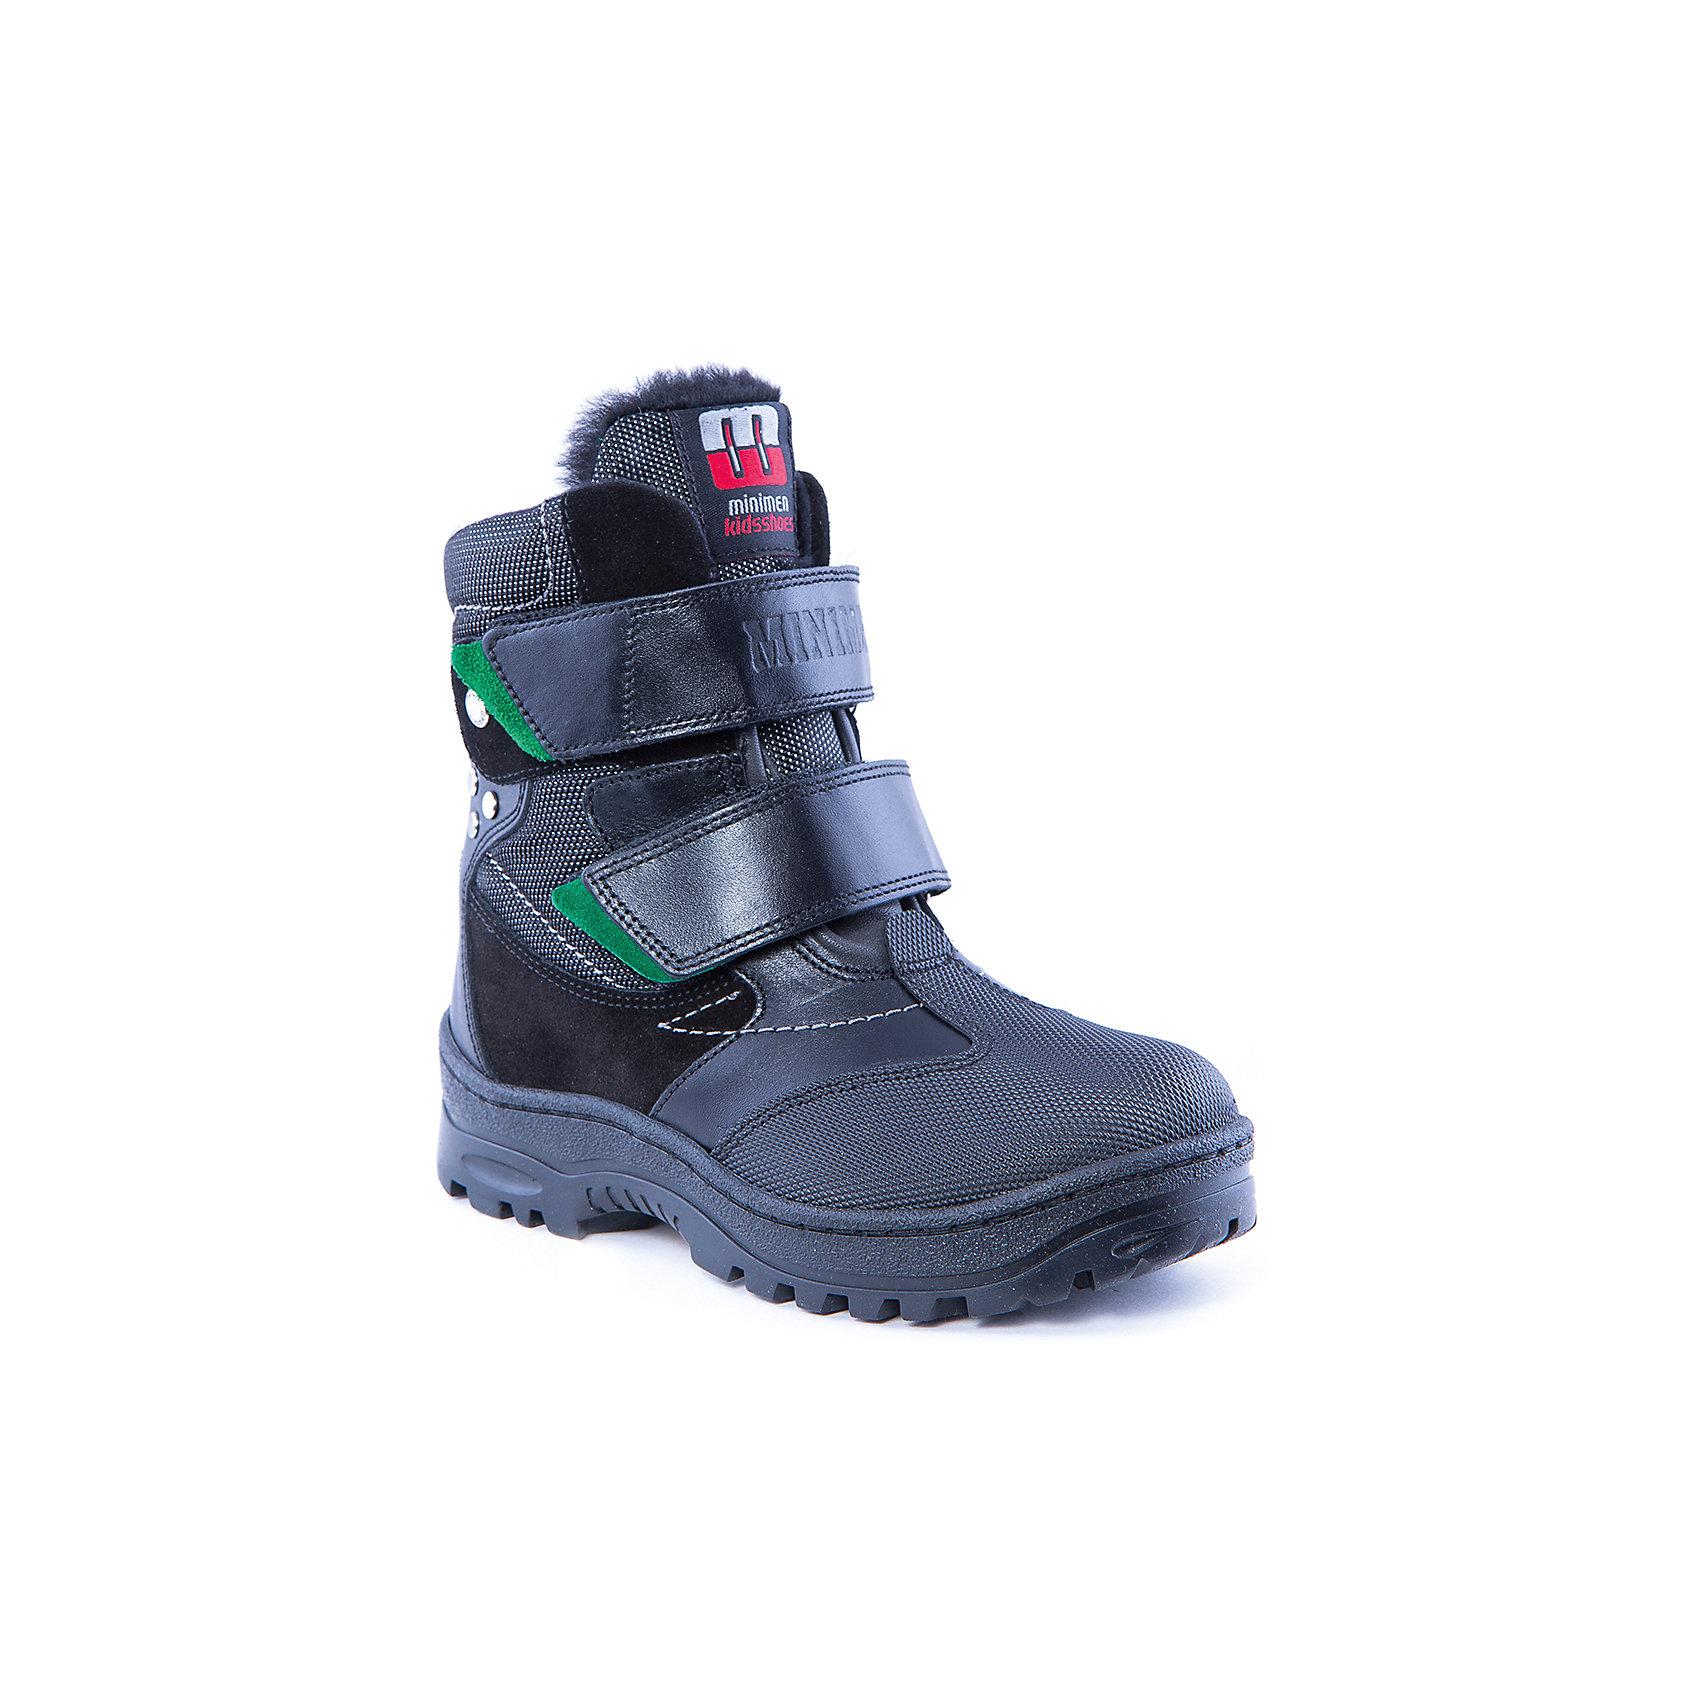 Ботинки для мальчика MinimenБотинки<br>Полусапоги для мальчика от известного бренда Minimen<br><br>Модные сапоги Minimen созданы для ношения в межсезонье и начинающиеся холода. Их форма тщательно проработана, поэтому детским ножкам в такой обуви тепло и комфортно. Качественные материалы позволяют сделать изделия износостойкими и удобными.<br><br>Отличительные особенности модели:<br><br>- цвет: черный;<br>- гибкая нескользящая подошва;<br>- усиленный носок и задник;<br>- эргономичная форма;<br>- удобная колодка;<br>- меховая подкладка;<br>- натуральная кожа;<br>- застежки-липучки.<br><br>Дополнительная информация:<br><br>Температурный режим: от - 15° С до +5° С.<br><br>Состав:<br>верх - 100% натуральная кожа<br>подкладка - 100% мех<br>подошва - ТЭП<br><br>Полусапоги для мальчика Minimen (Минимен) можно купить в нашем магазине.<br><br>Ширина мм: 257<br>Глубина мм: 180<br>Высота мм: 130<br>Вес г: 420<br>Цвет: черный<br>Возраст от месяцев: 84<br>Возраст до месяцев: 96<br>Пол: Мужской<br>Возраст: Детский<br>Размер: 31,30,34,29,35,33,32<br>SKU: 4334462